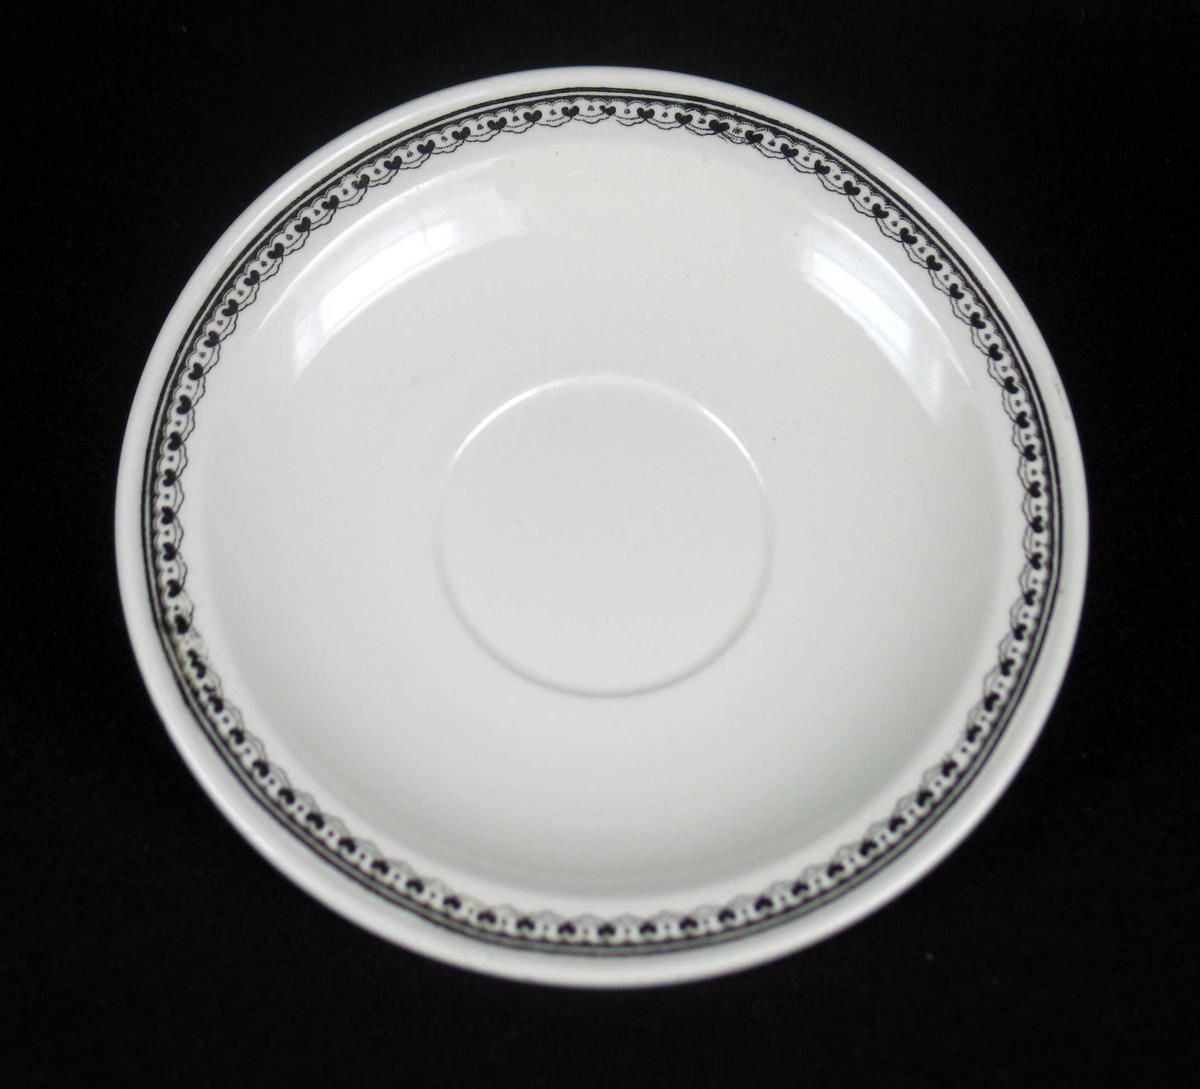 Tefat i offwhite keramikk med sort dekor.